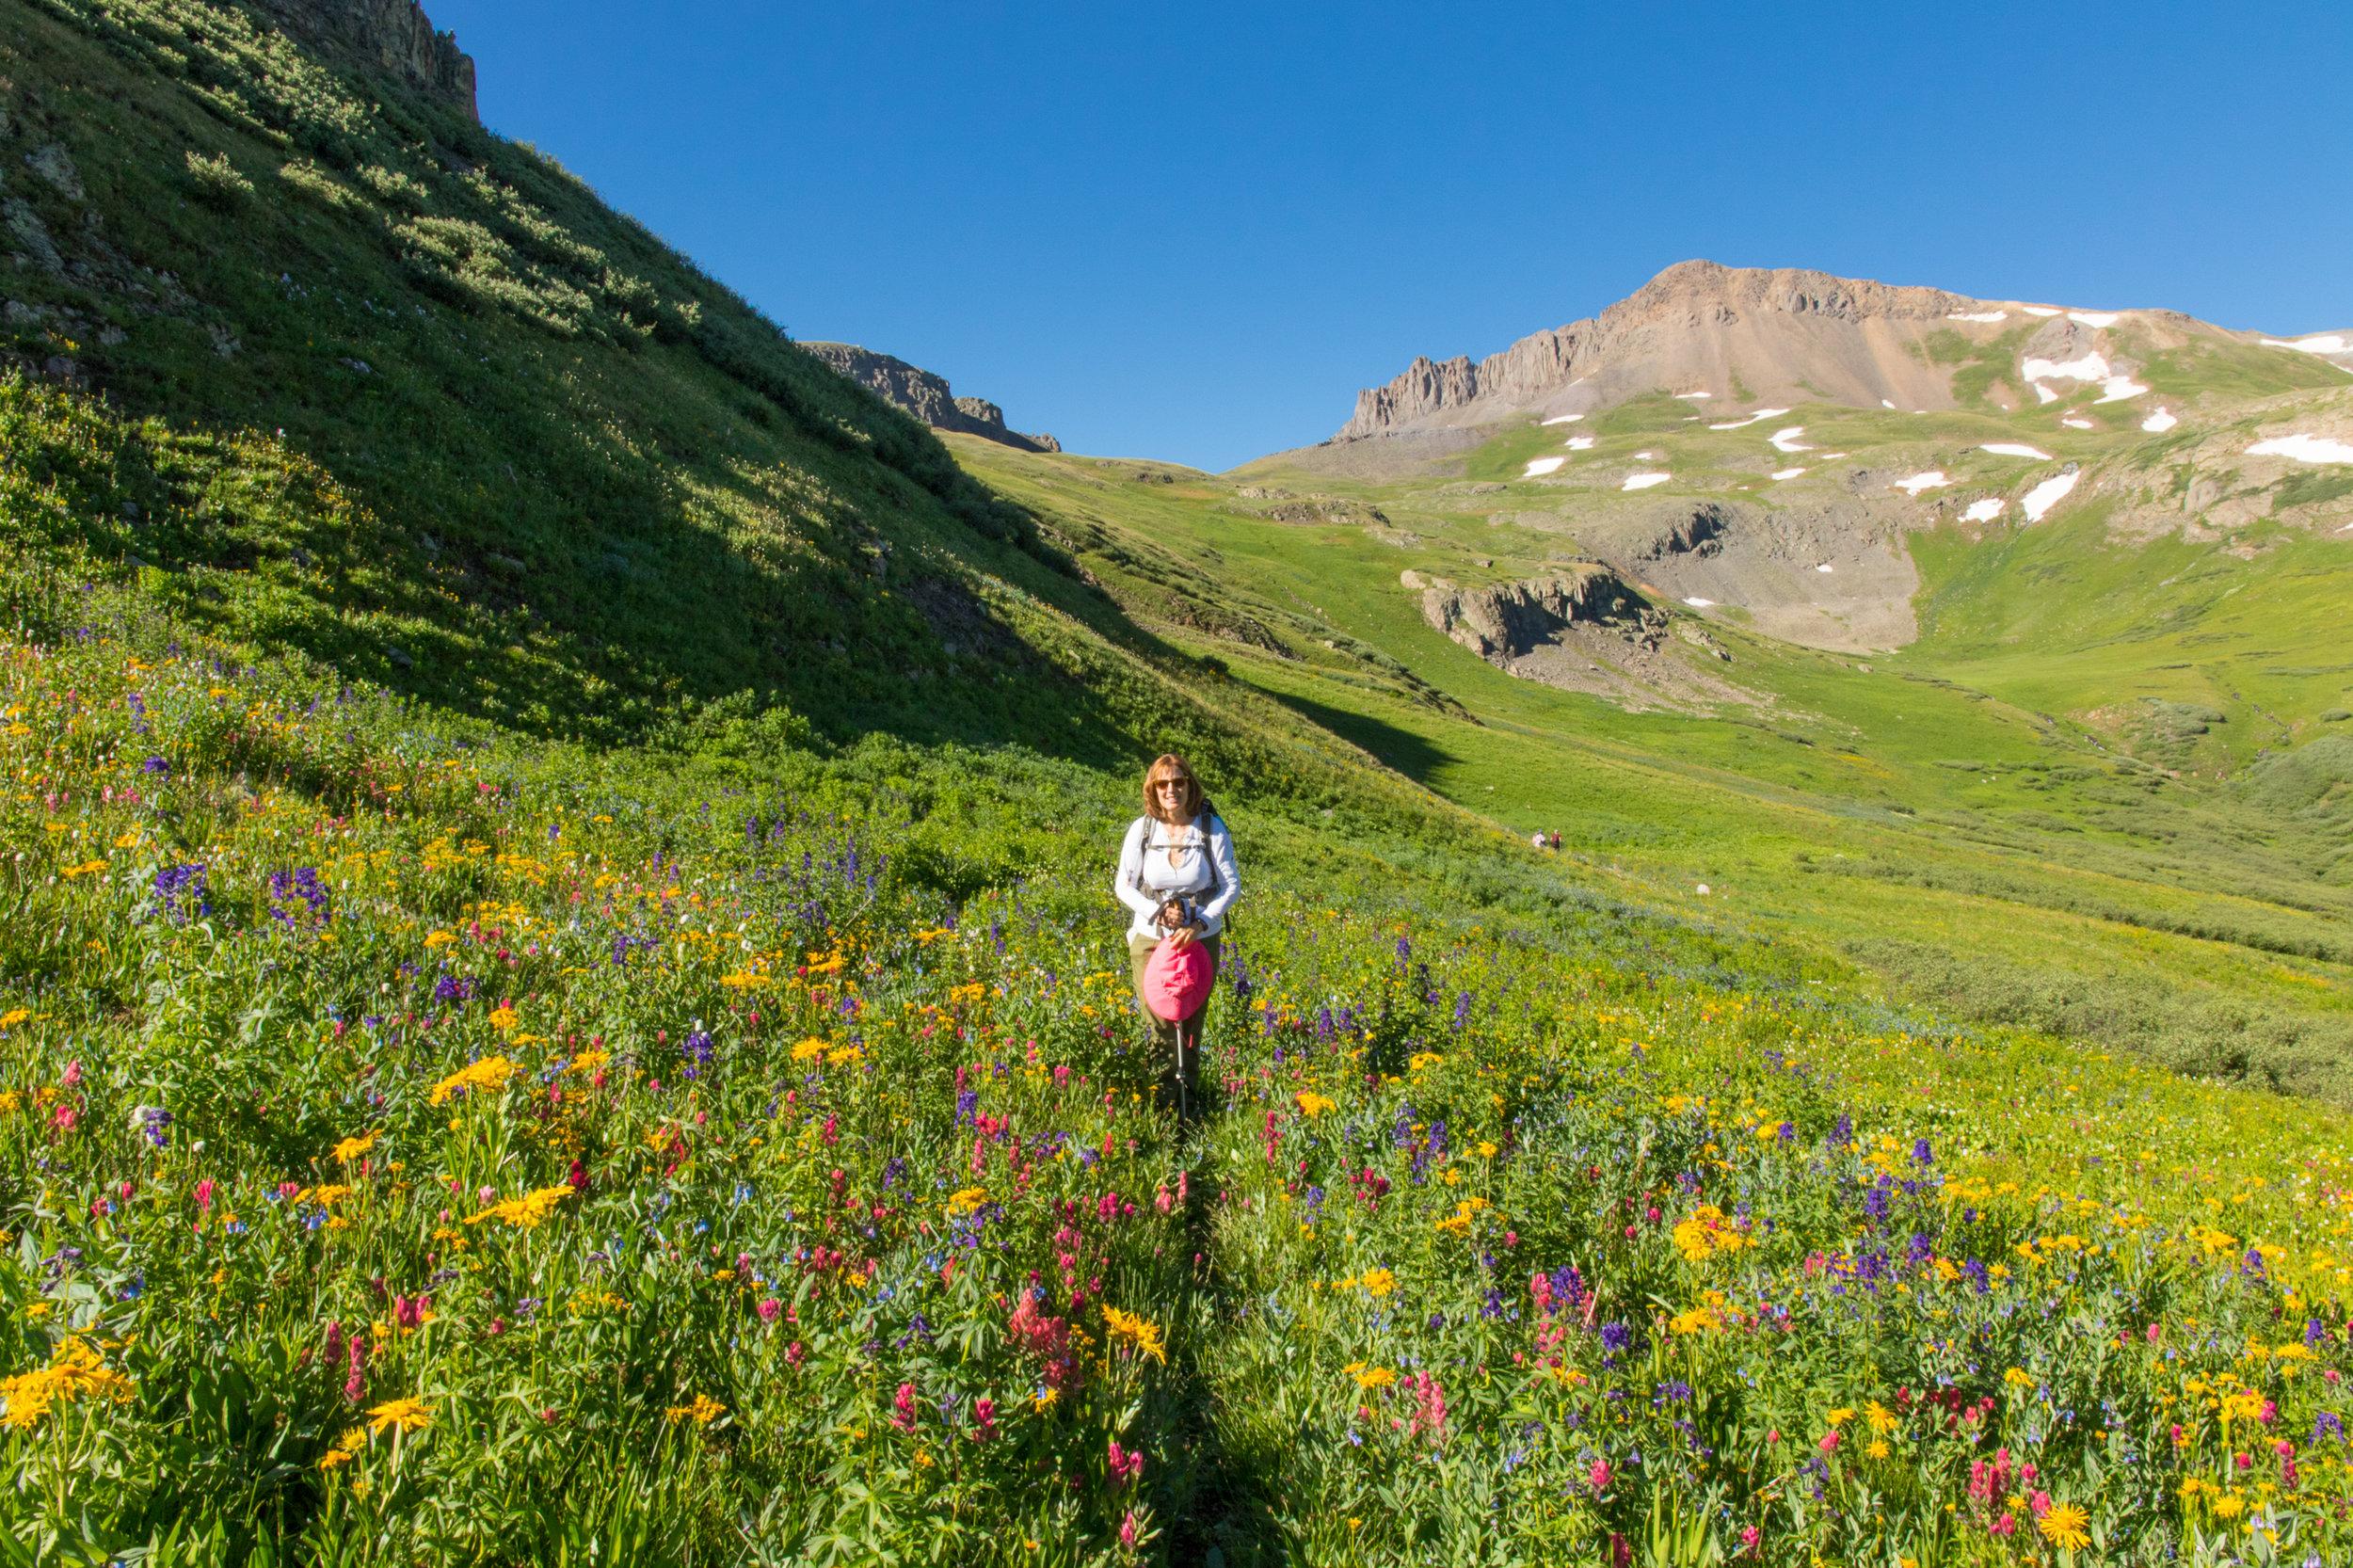 Gina on Maggie Gulch Trail